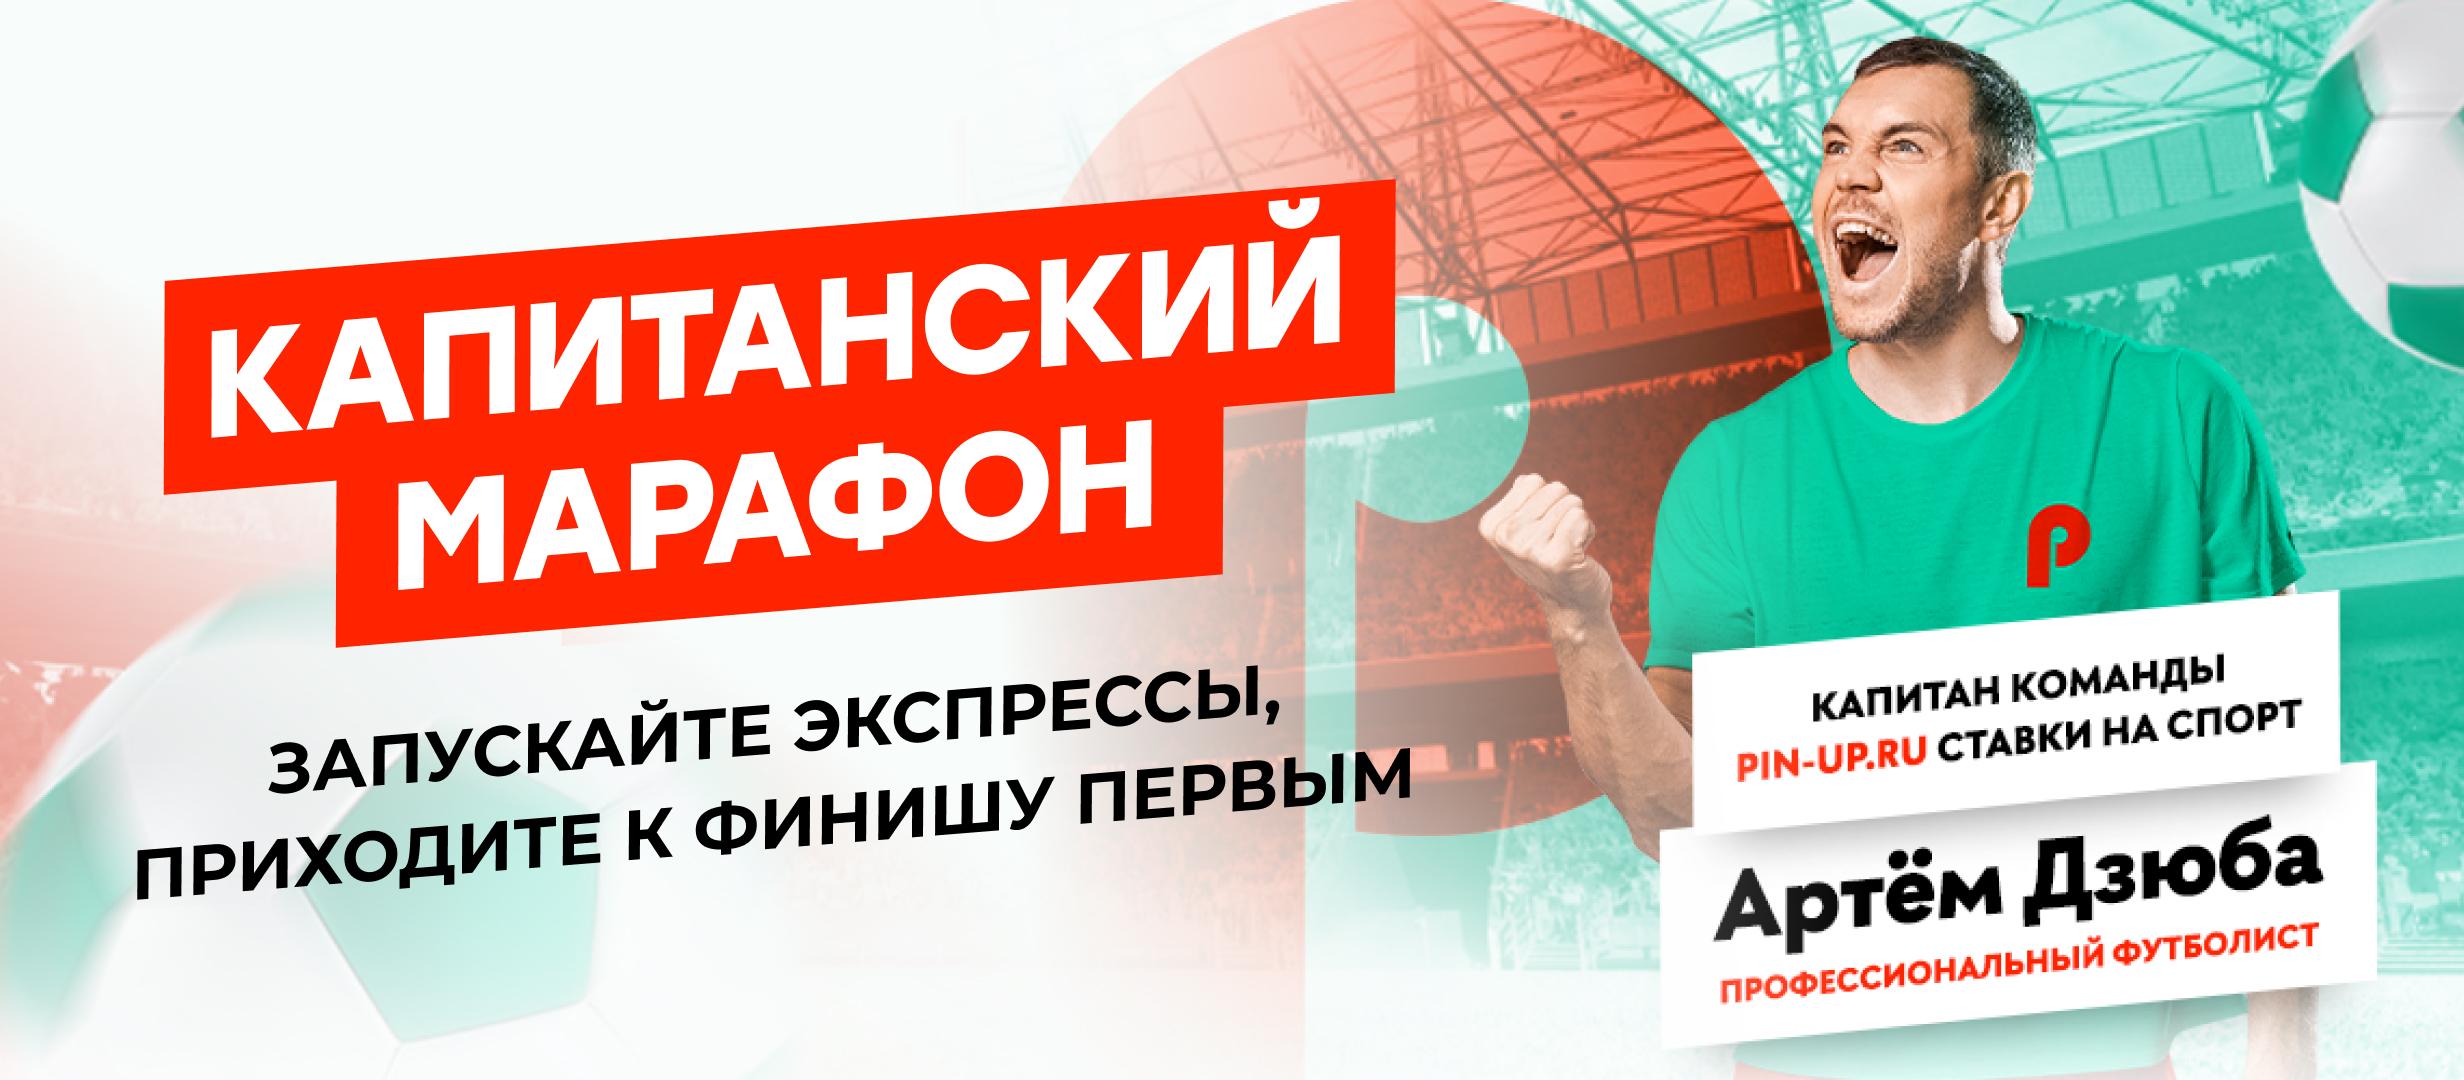 Кеш-бонус от Pin-up.ru 25000 ₽.